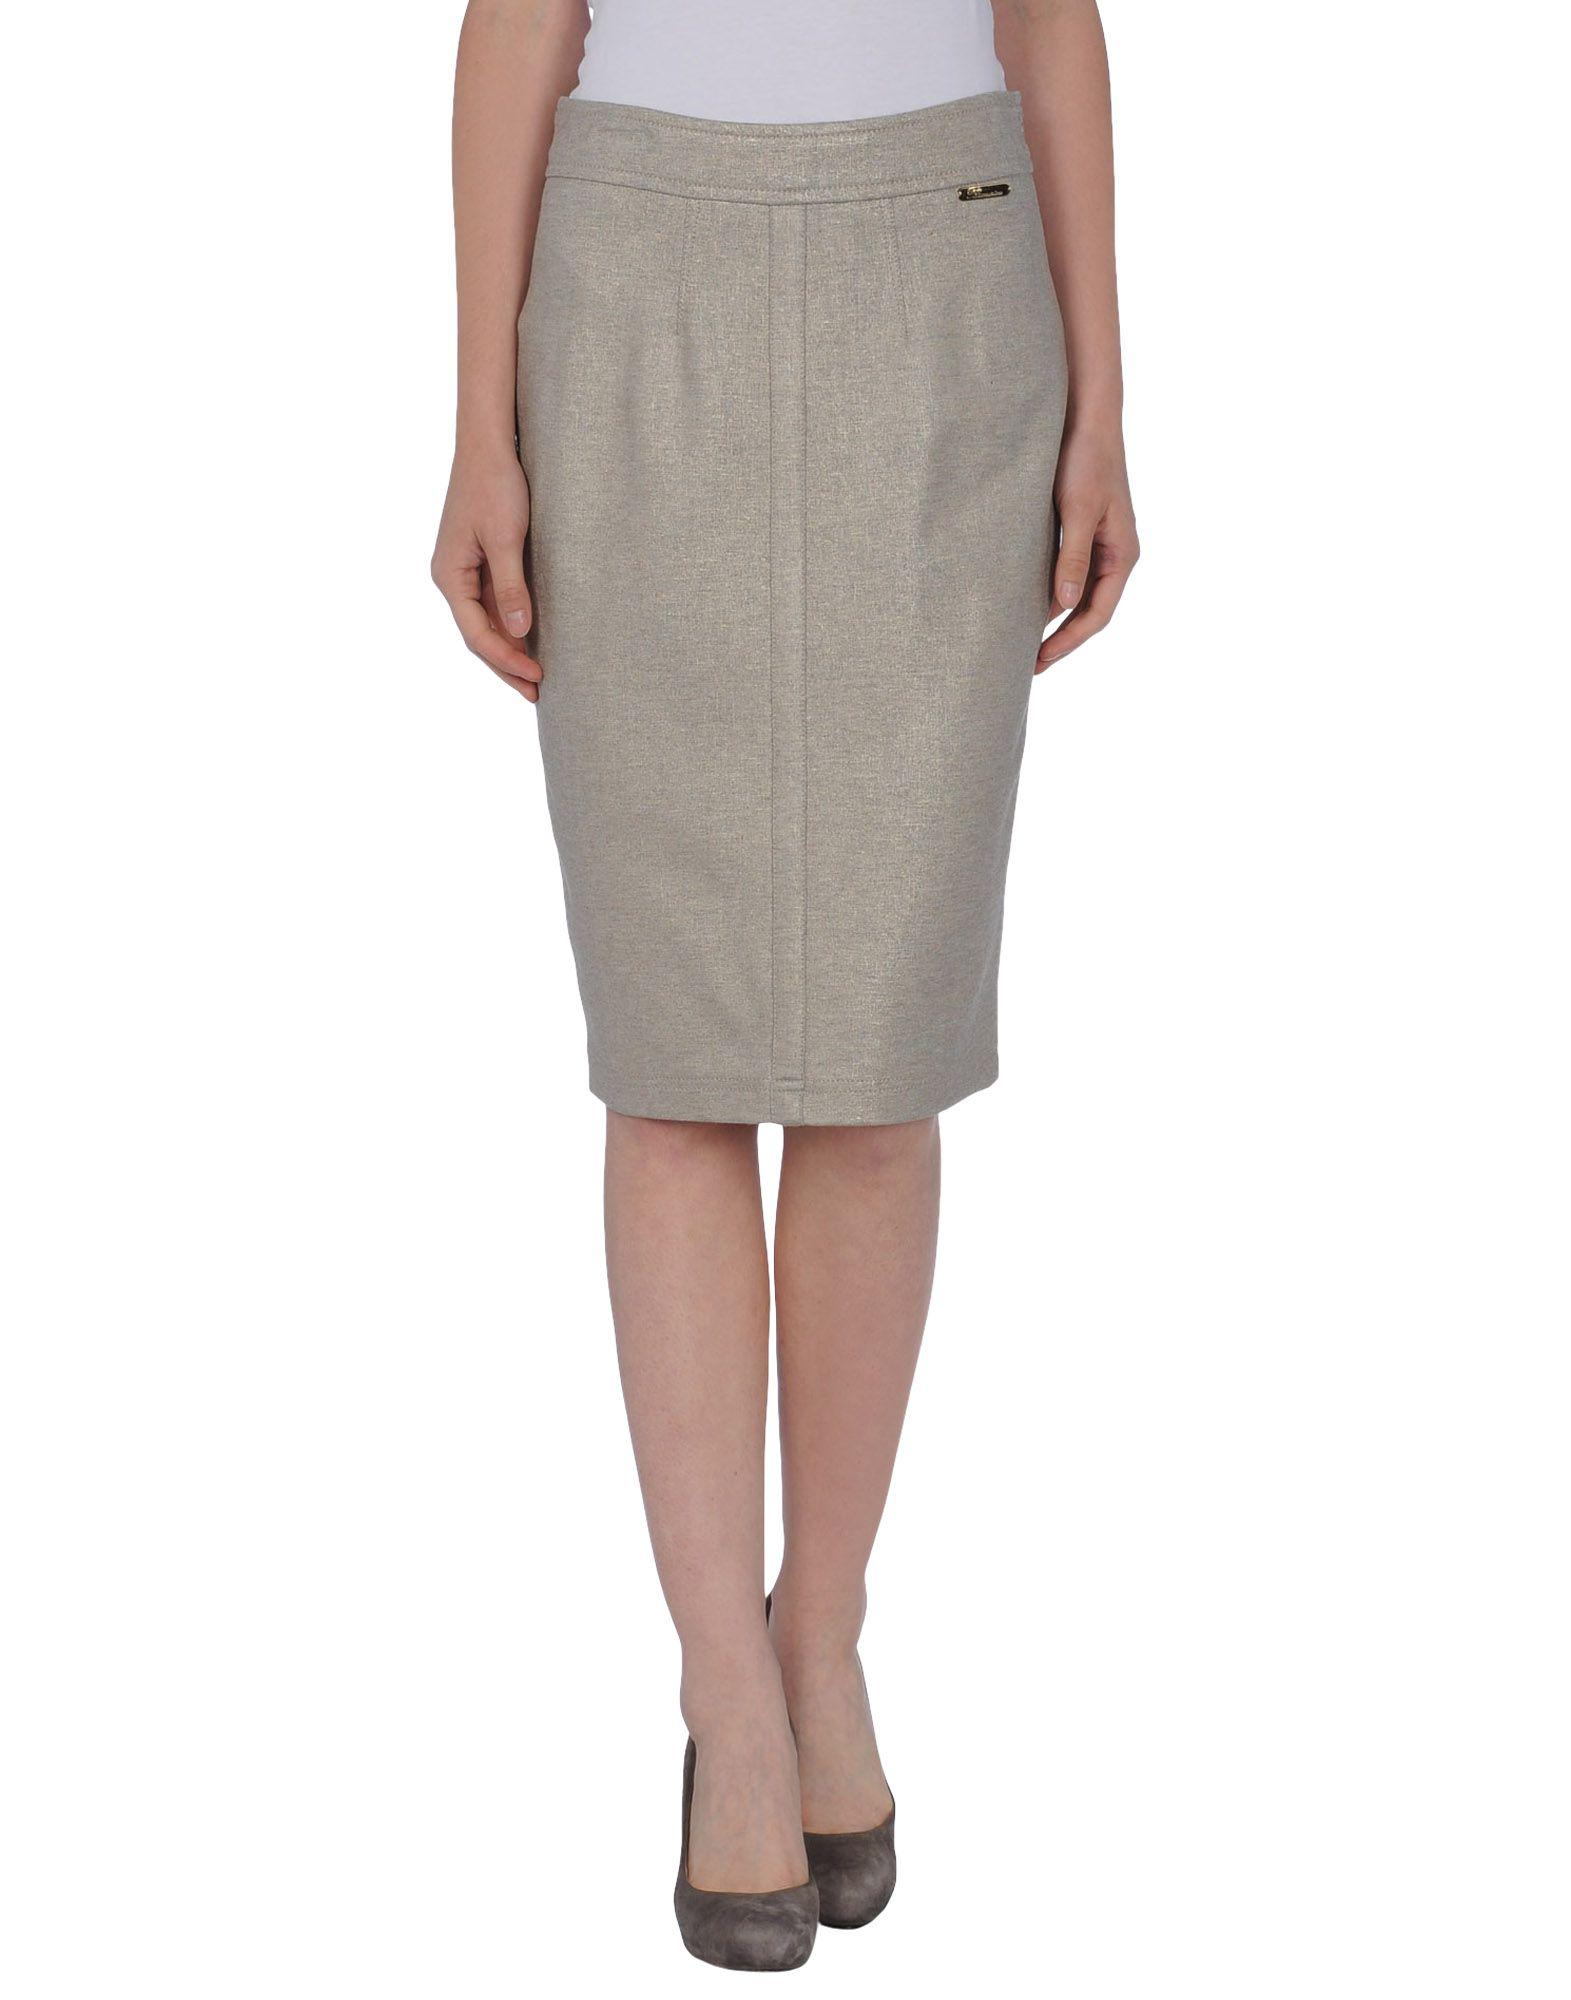 blumarine knee length skirt in gray light grey lyst